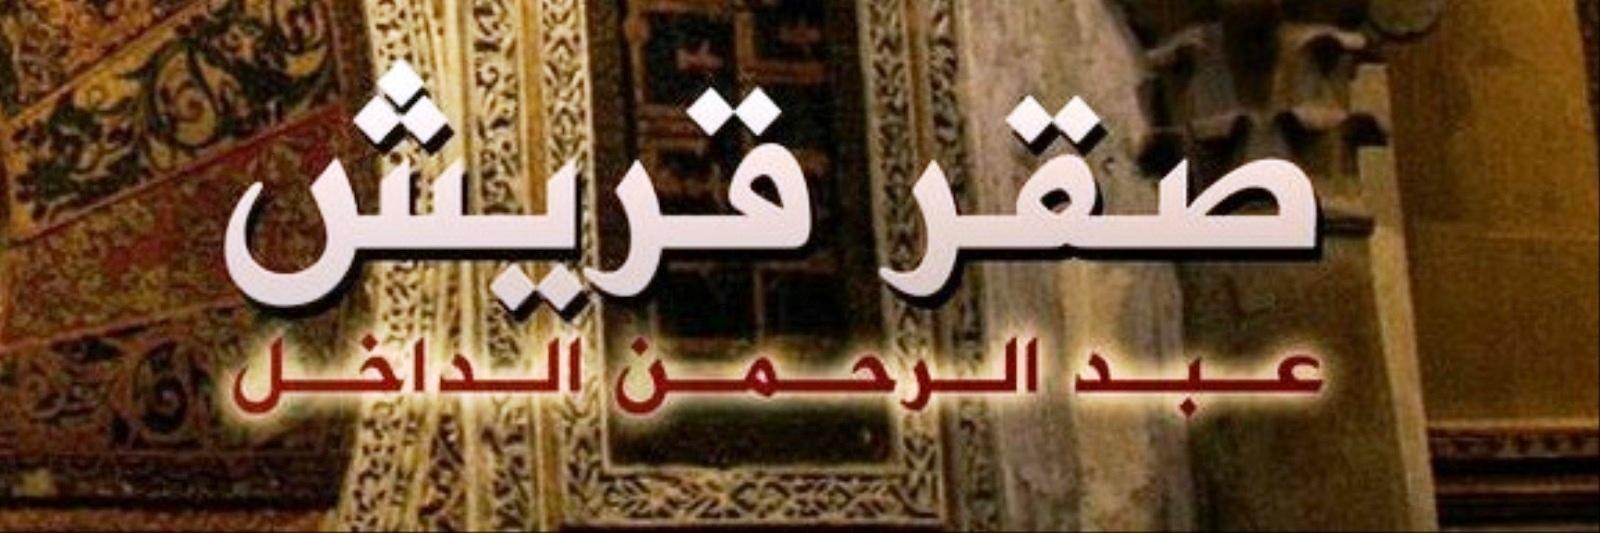 صقر قريش عبد الرحمن بن معاوية الداخل وبداية الإمارة الأموية بالأندلس